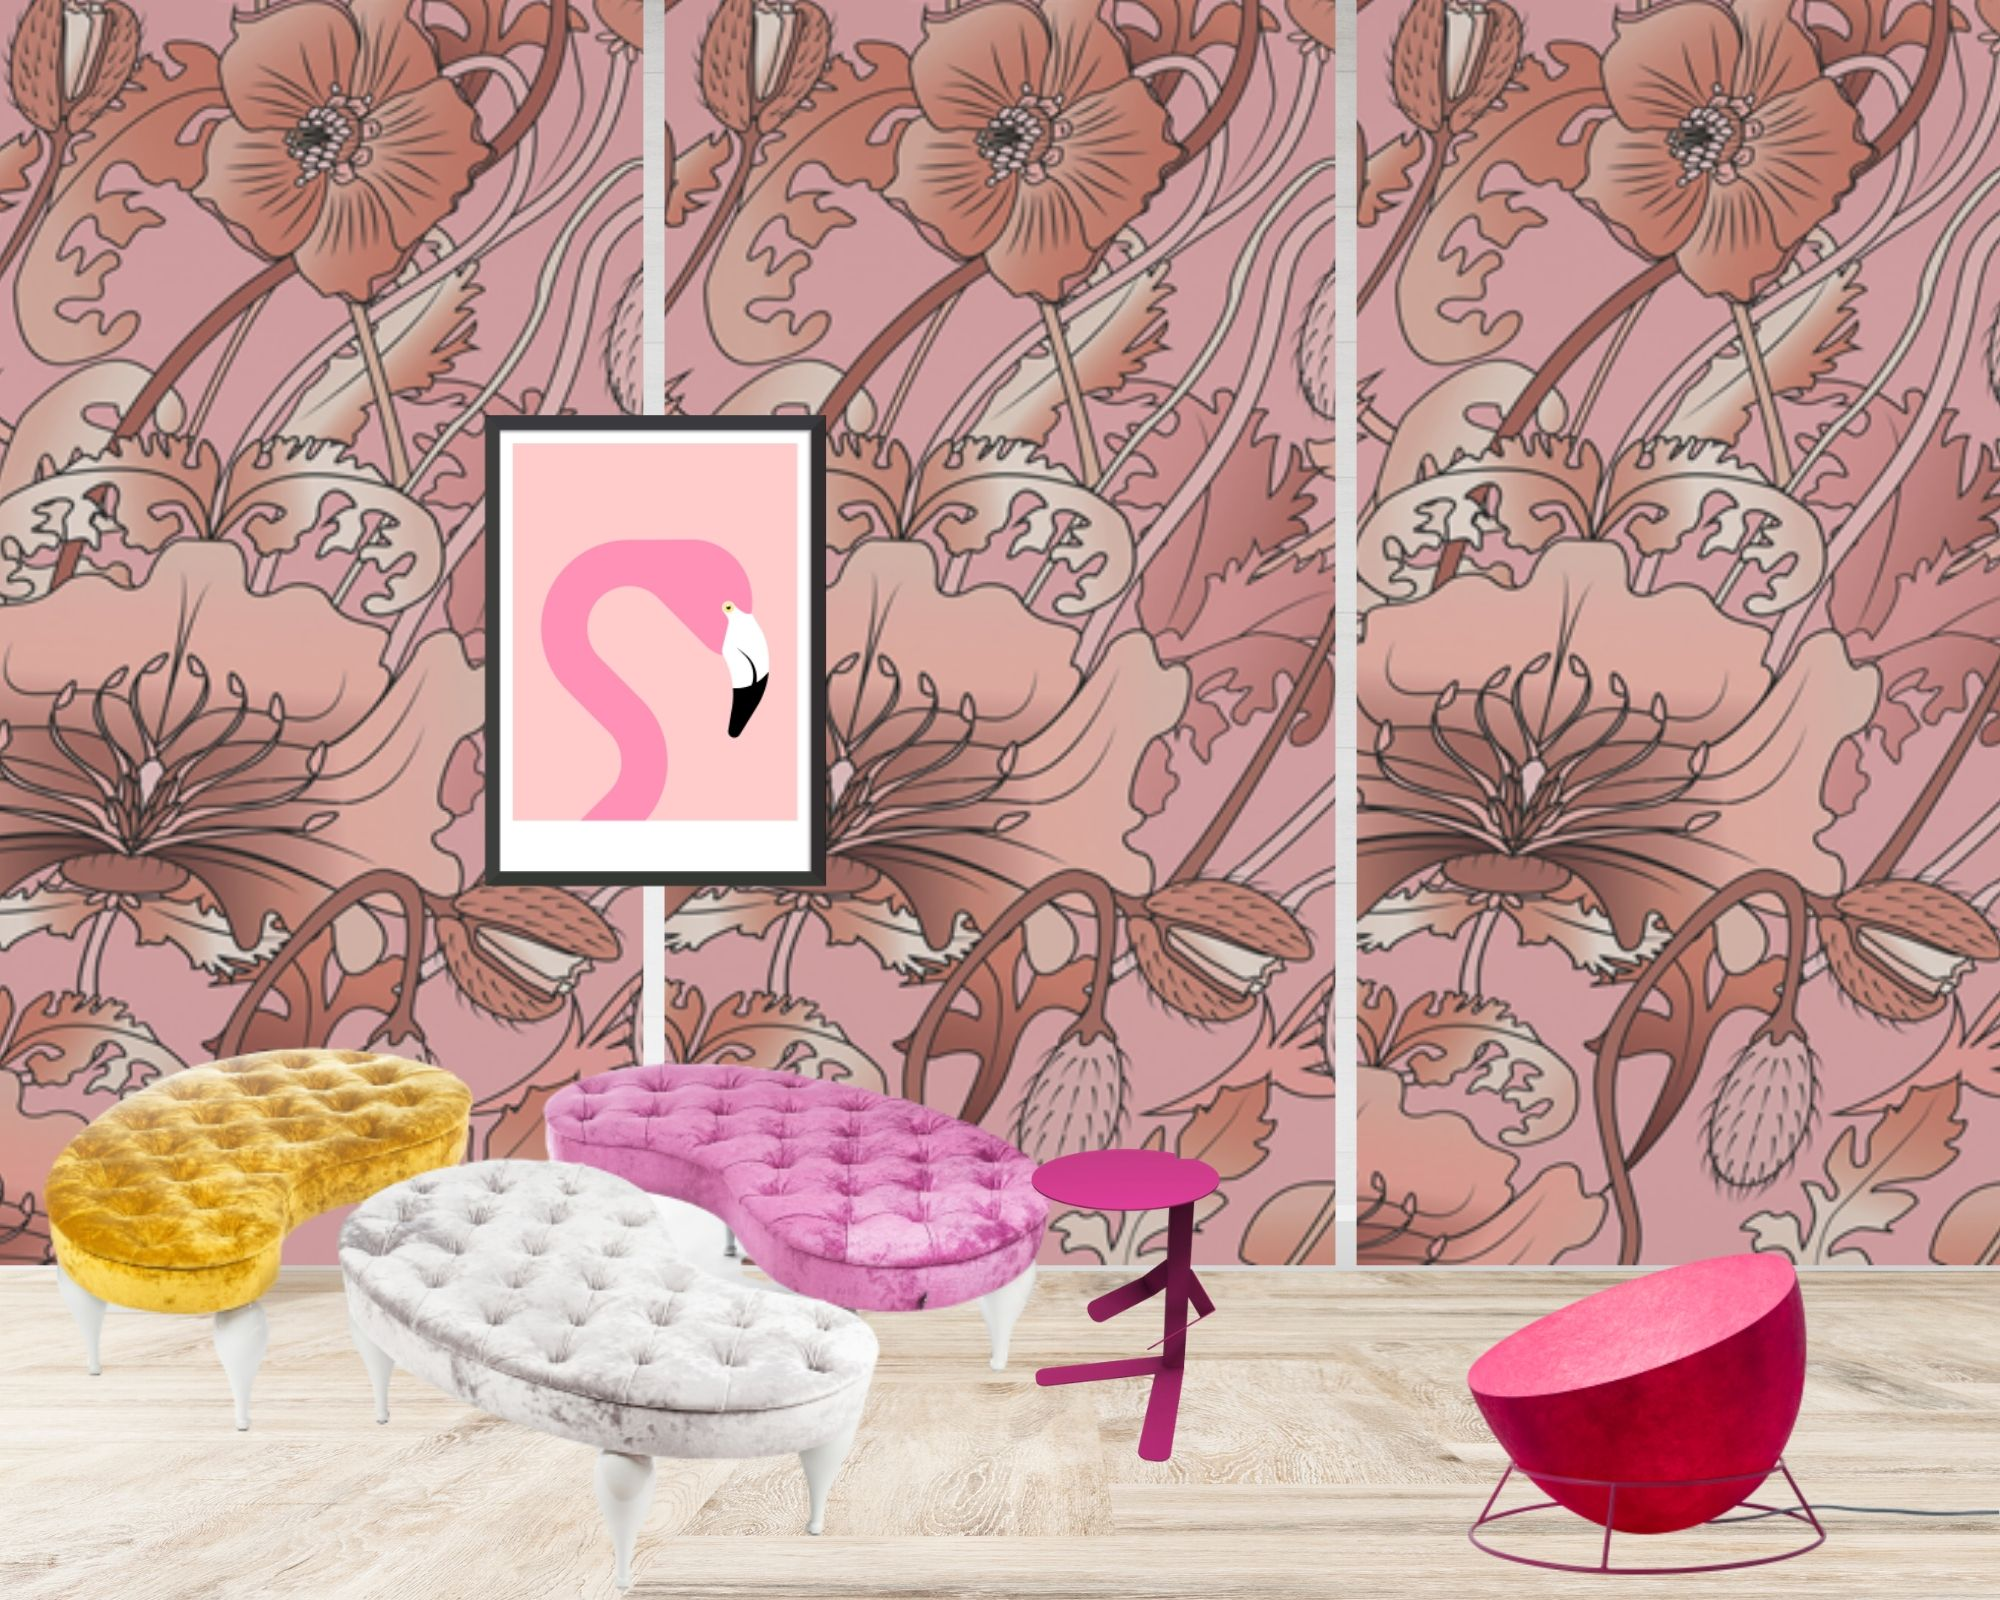 abbinamento colori per arredamento casa nei toni del rosa in soggiorno